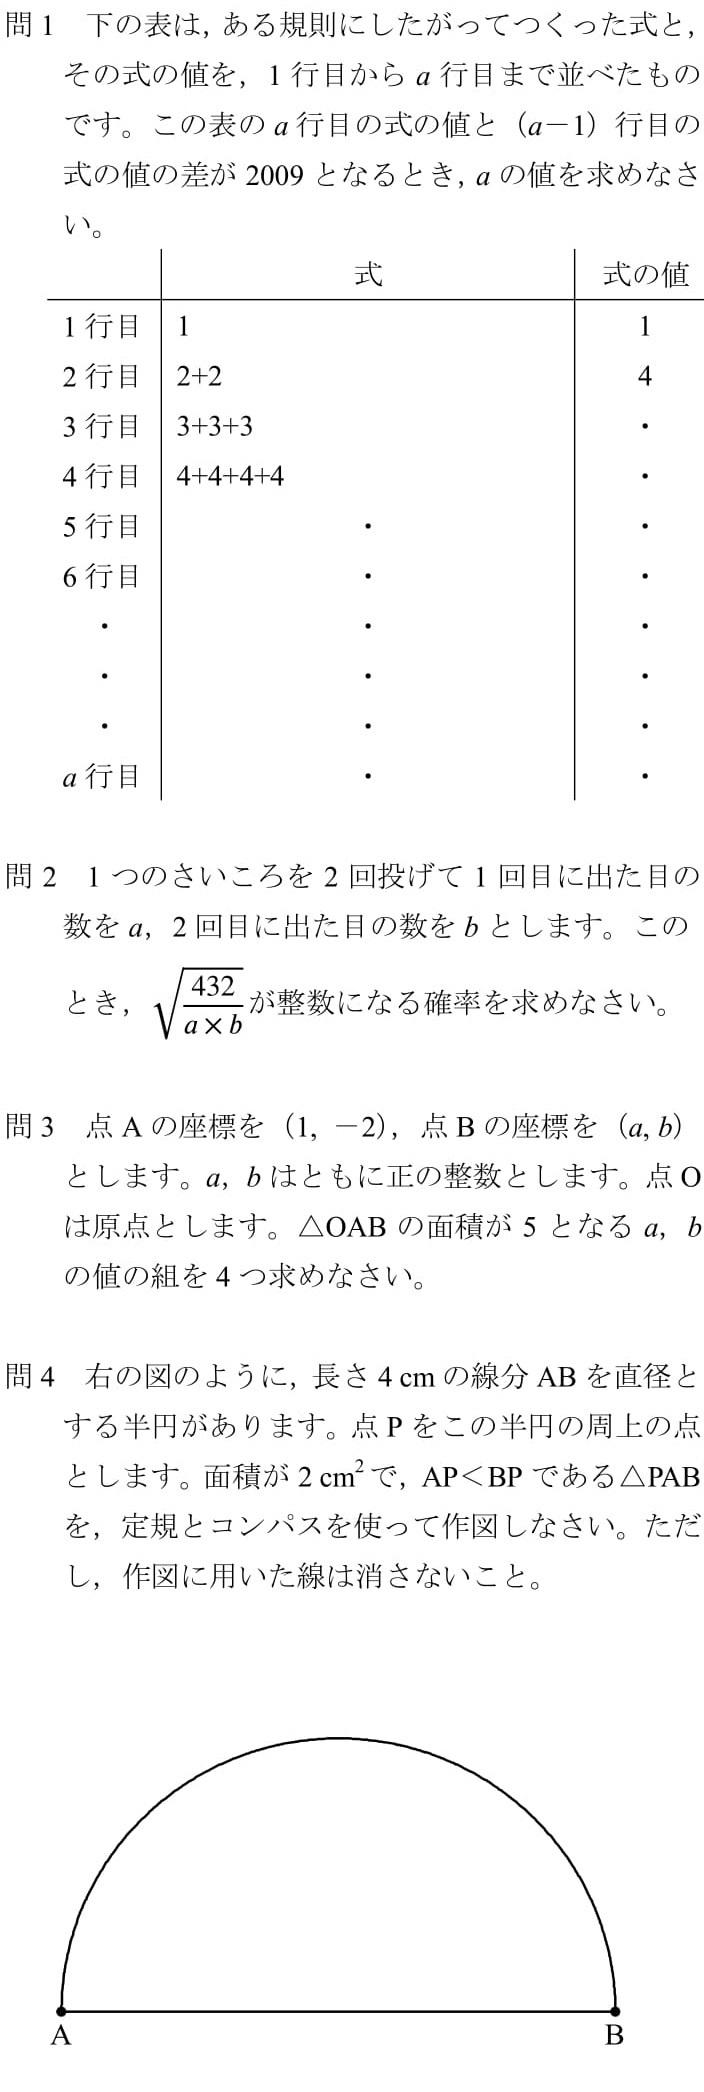 2009 北海道 高校入試 数学 裁量問題 解説